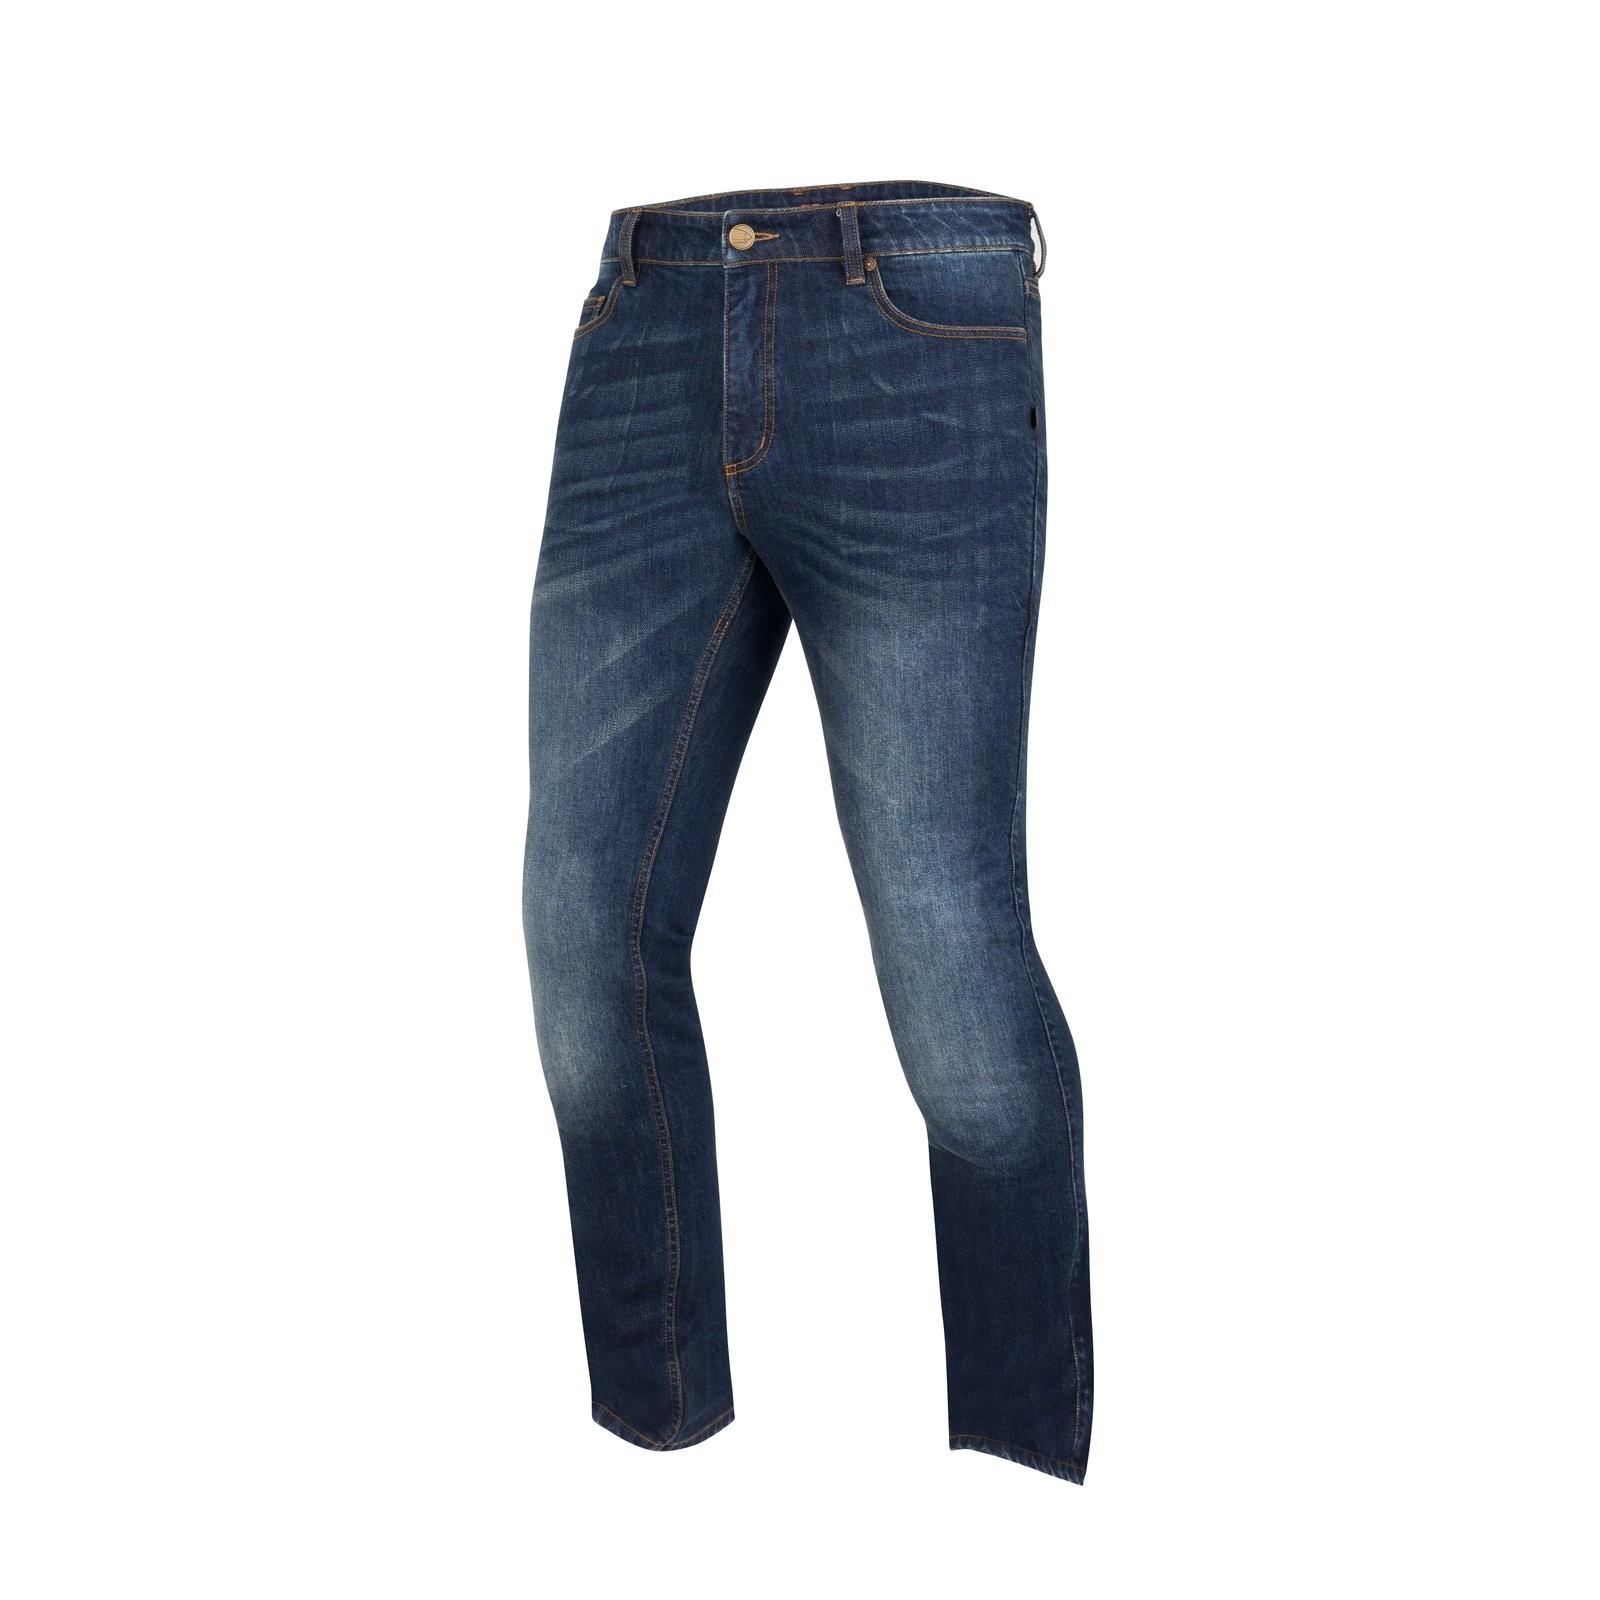 Pantalon KLYN Bleu / BTP562